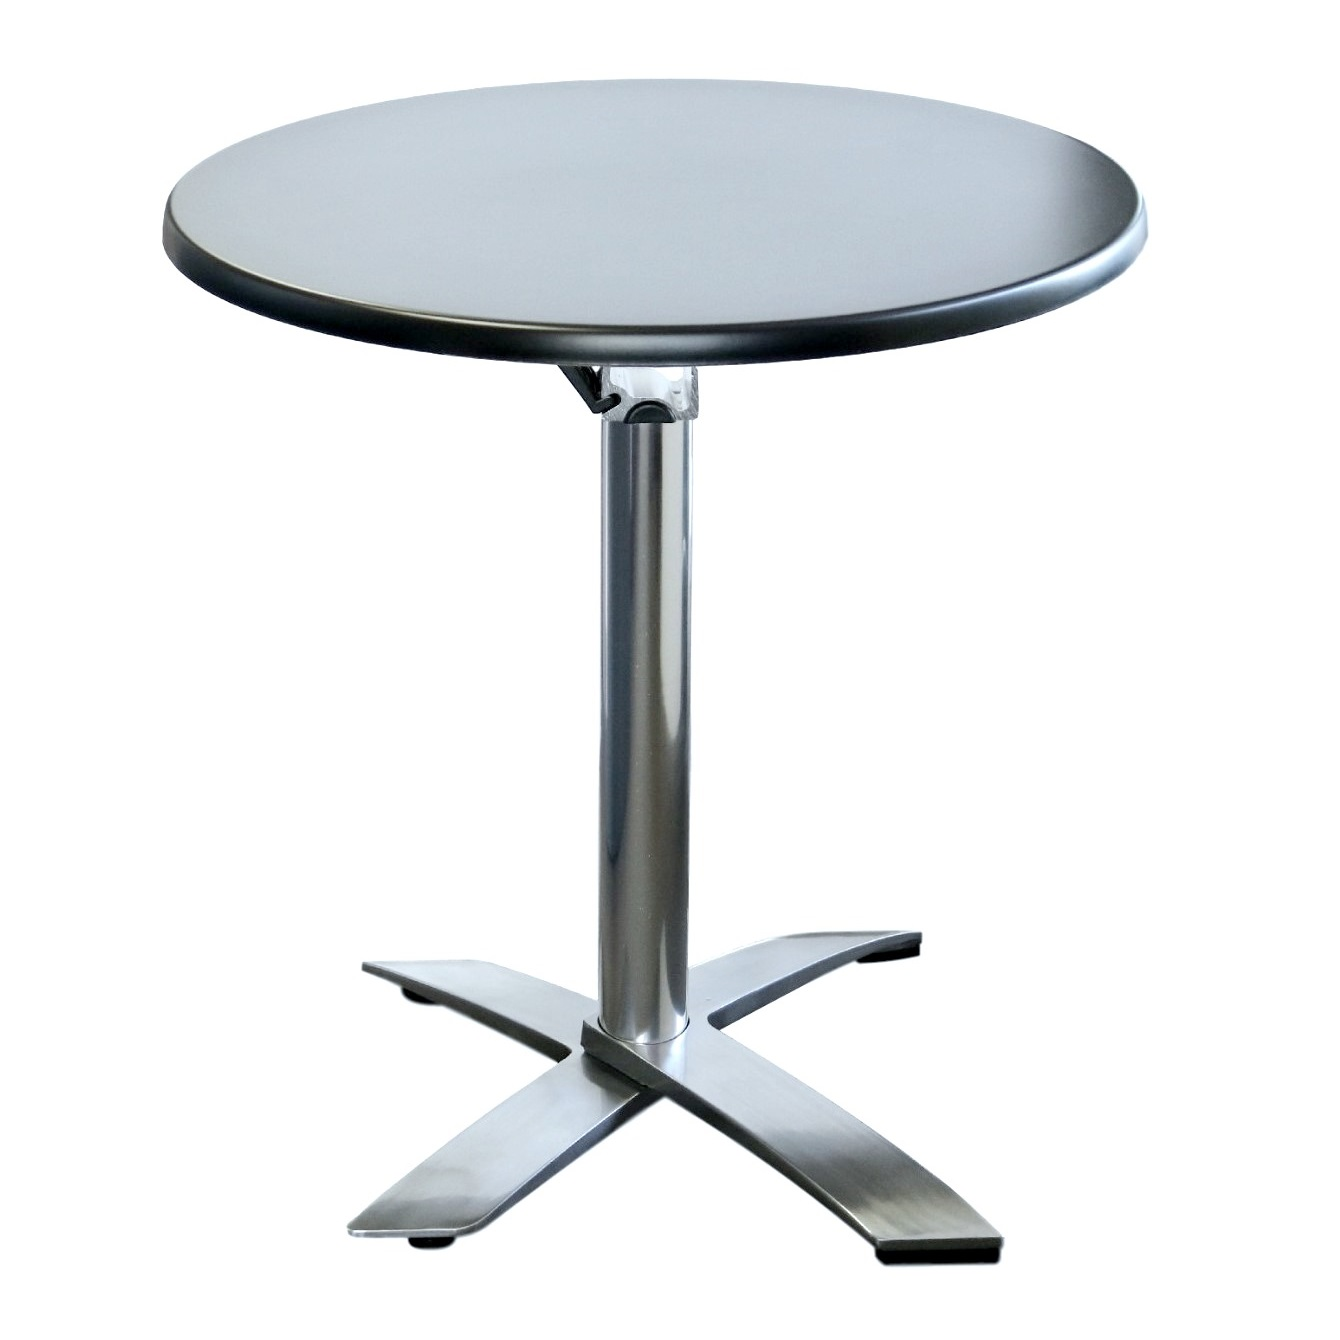 Titan Table Base Round Table